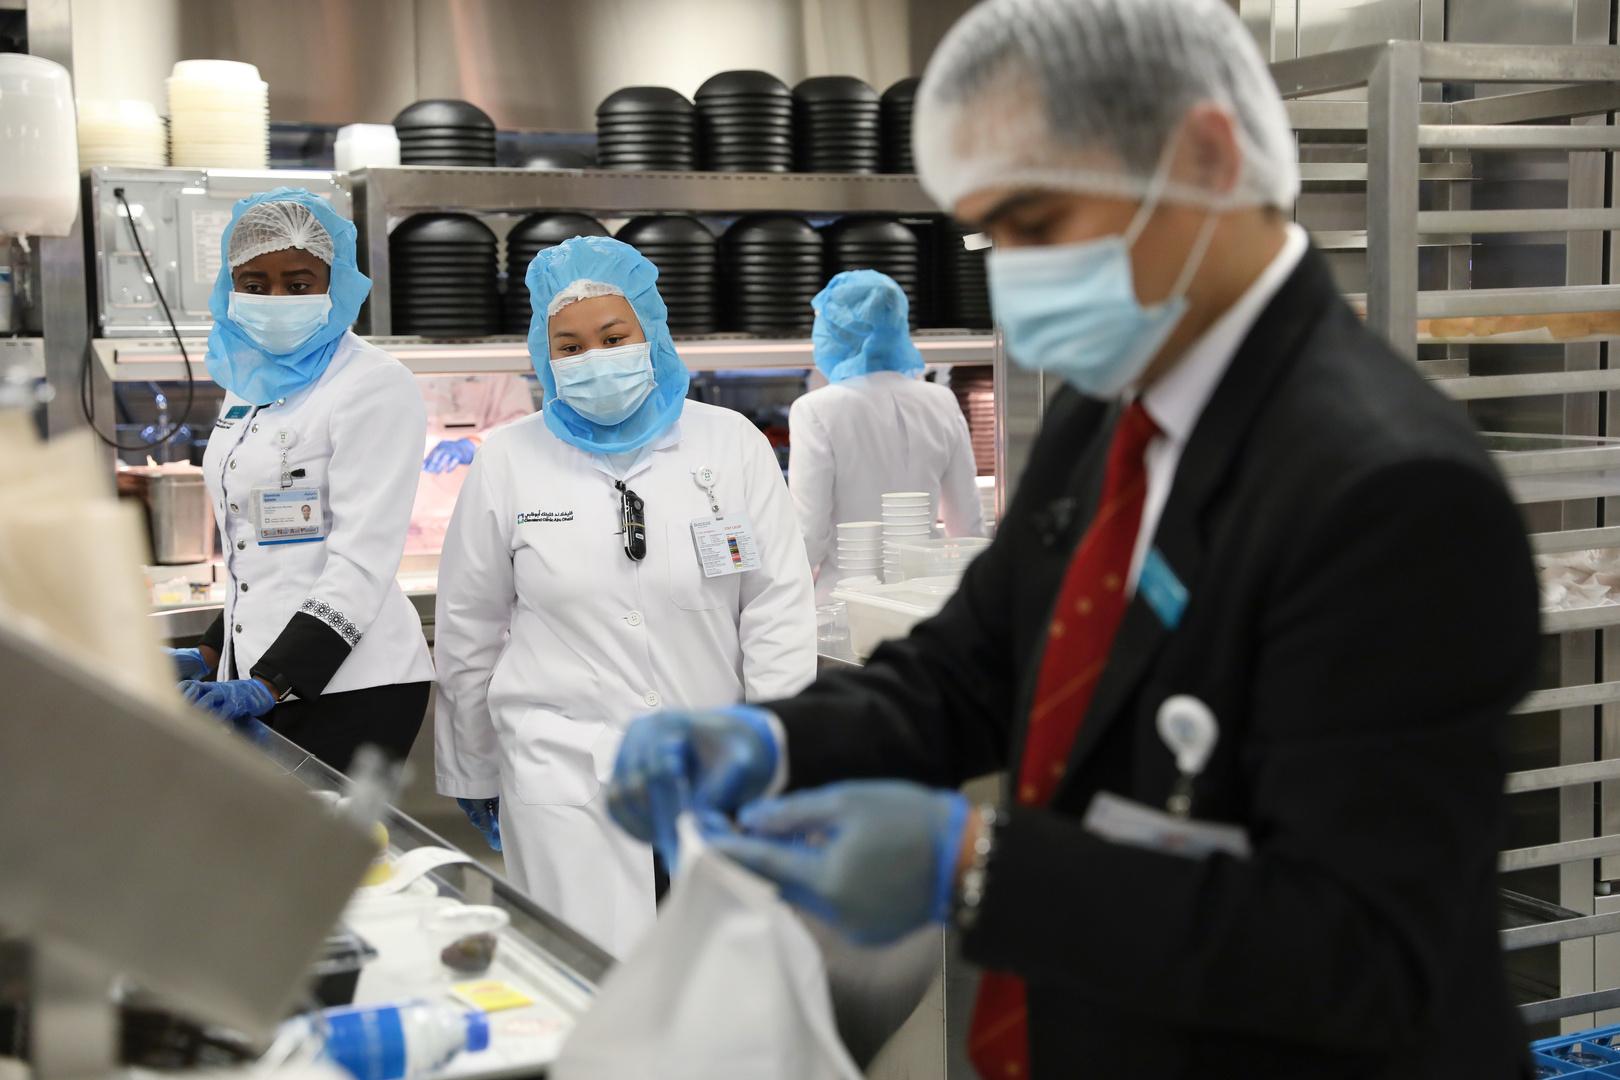 عدد المصابين بكورونا في الإمارات يقترب من 20 ألفا وفي سلطنة عمان تجاوز 3700